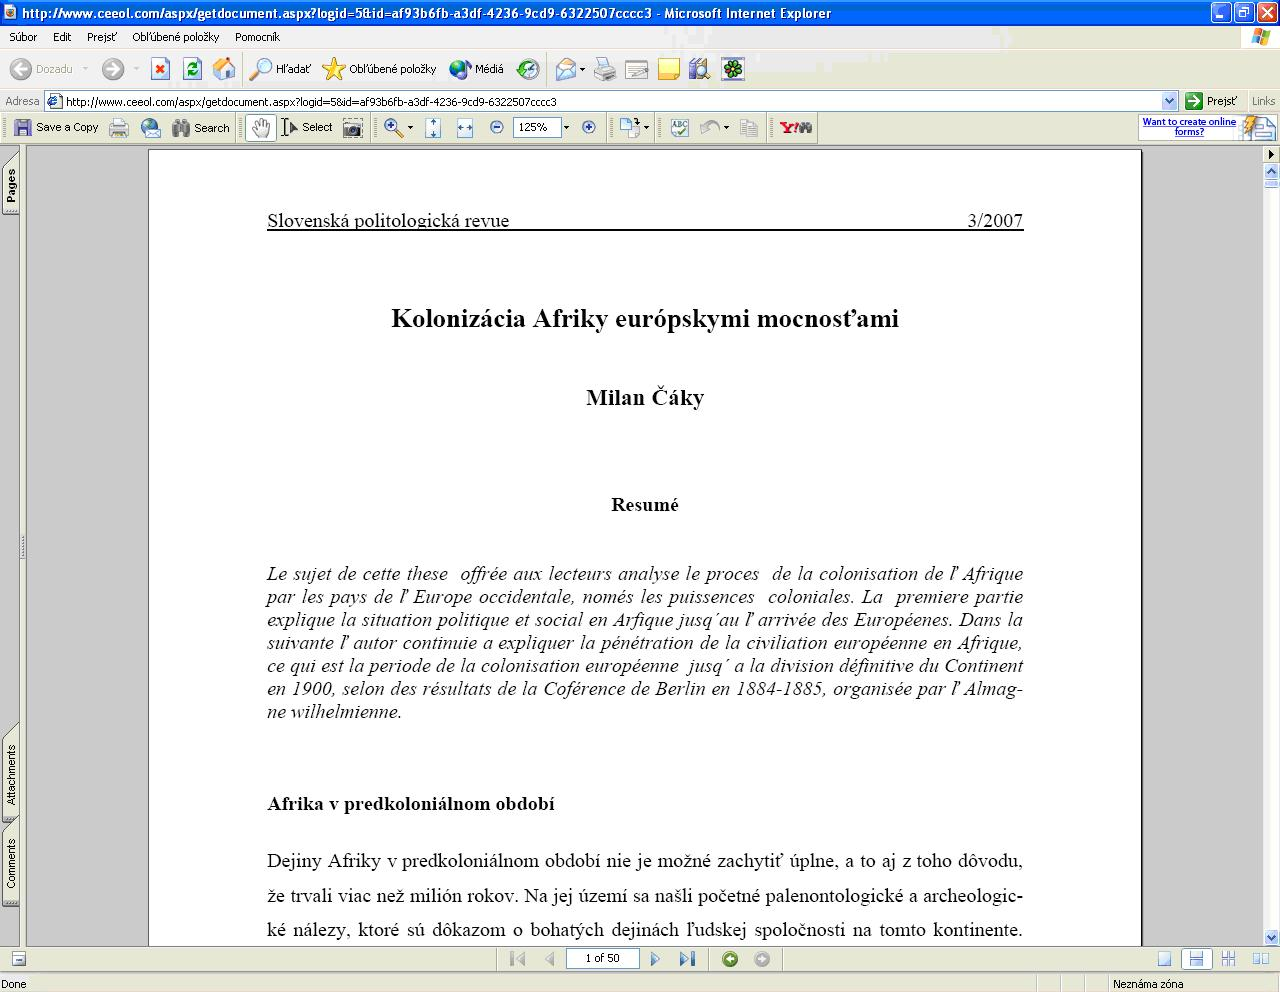 """Obr. 7: Konkrétny článok v PDF formáte po kliknutí na tlačidlo """"view"""" (licencovaný prístup)"""